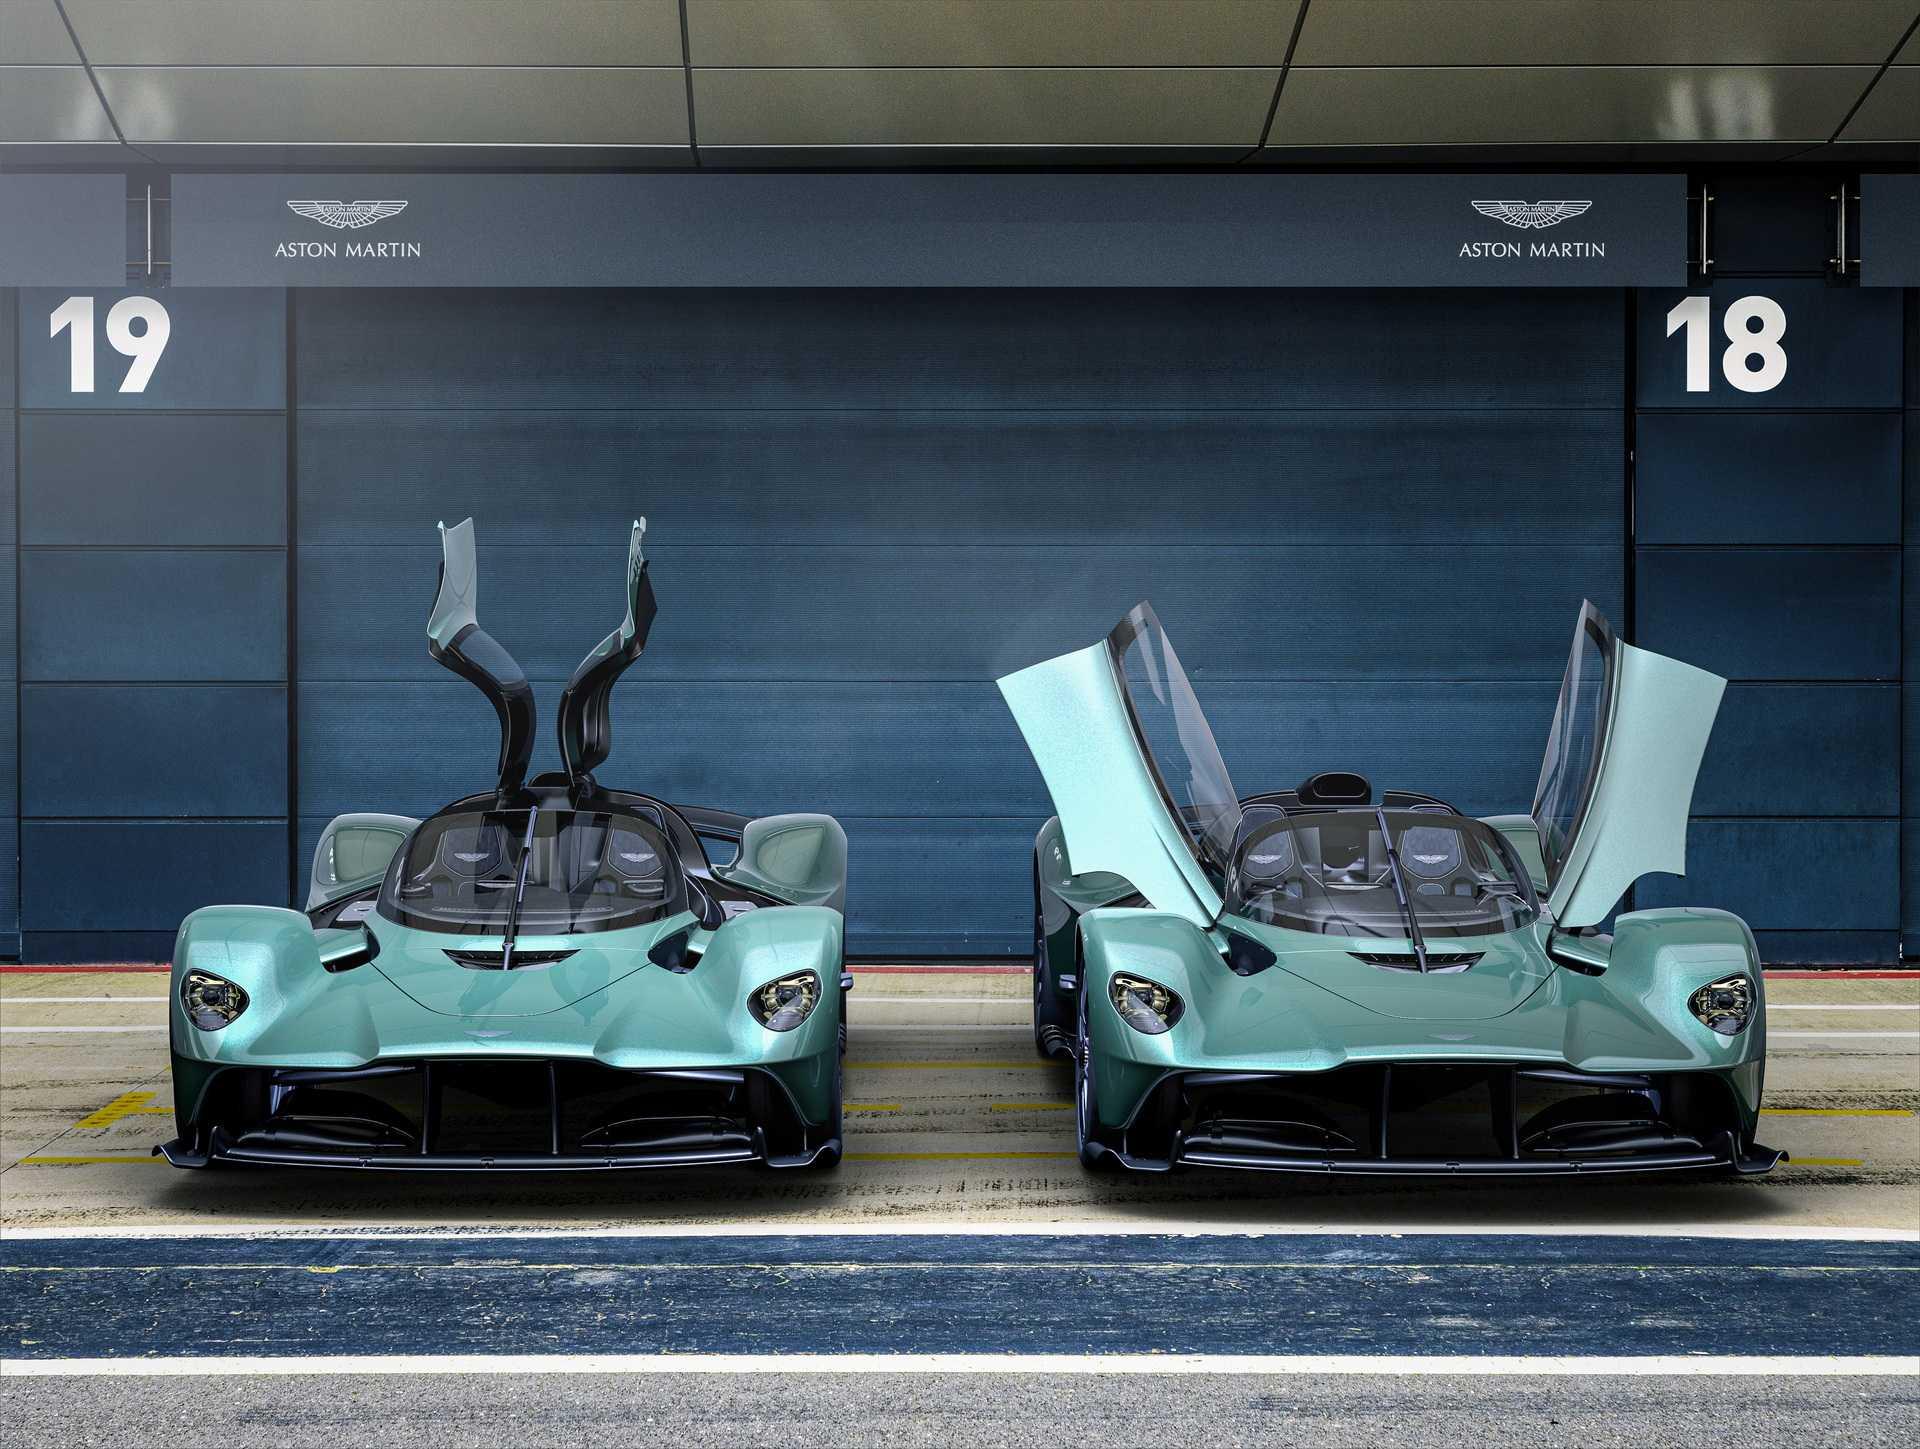 Aston-Martin-Valkyrie-Spider-siêu-phẩm-mui-trần-mạnh-1160-mã-lực (8).jpg